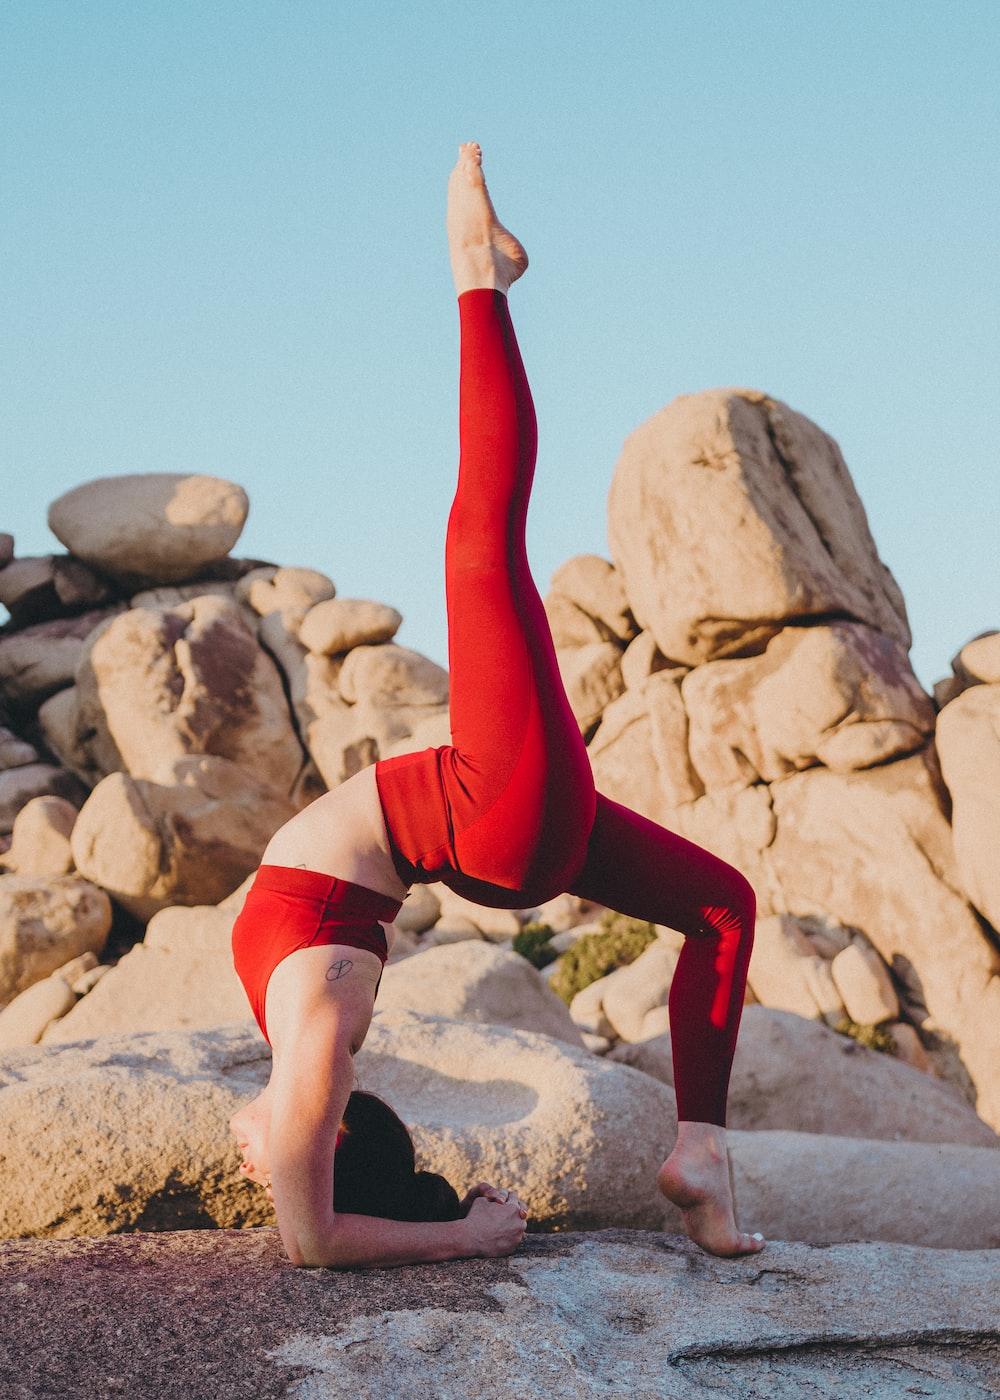 chica haciendo yoga en un sitio con piedras